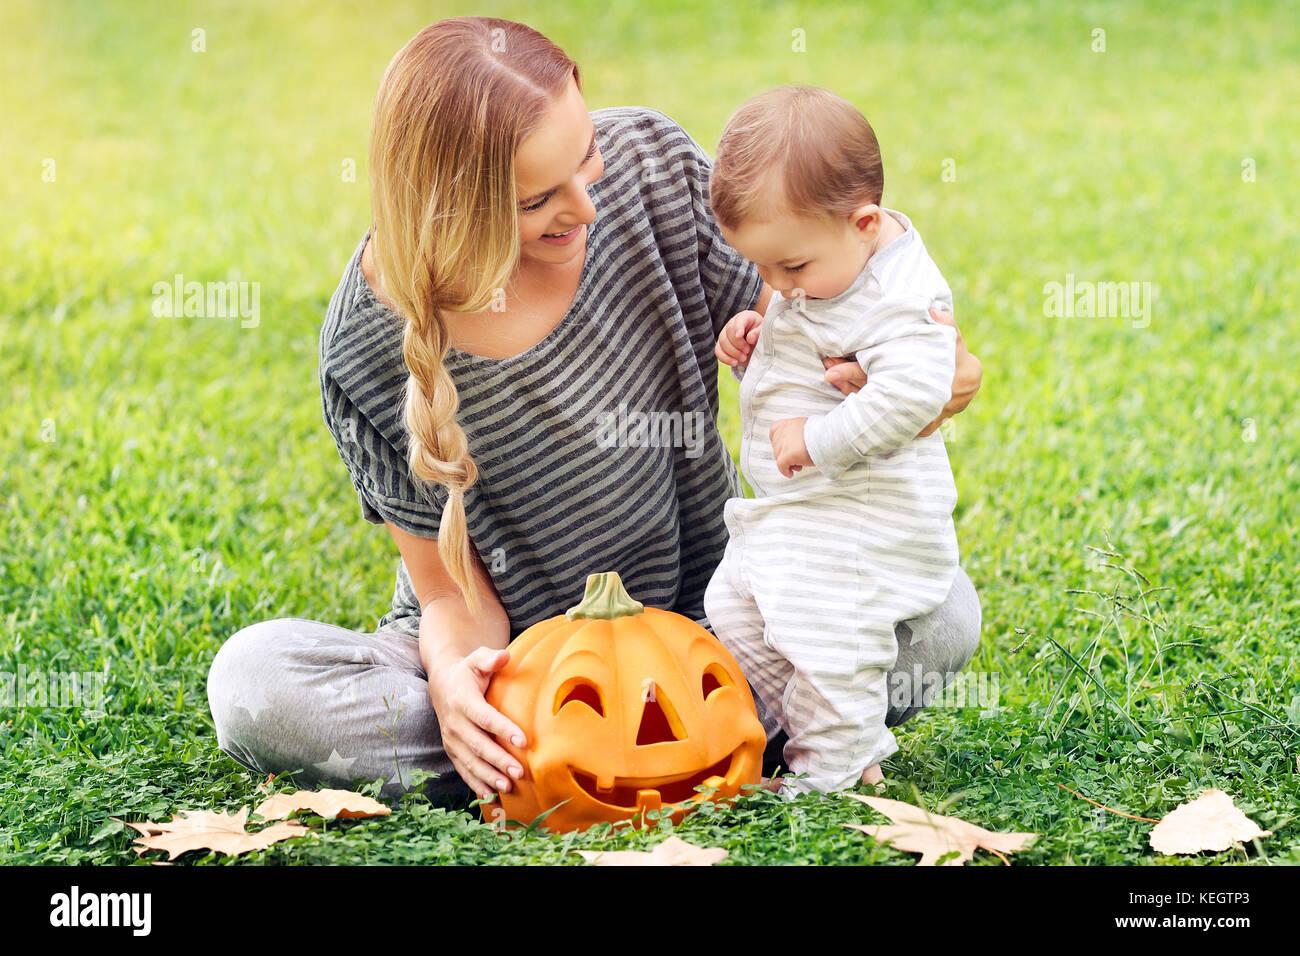 La famiglia felice celebrare Halloween all'aperto, madre con piccolo grazioso baby boy giocando con la zucca Immagini Stock